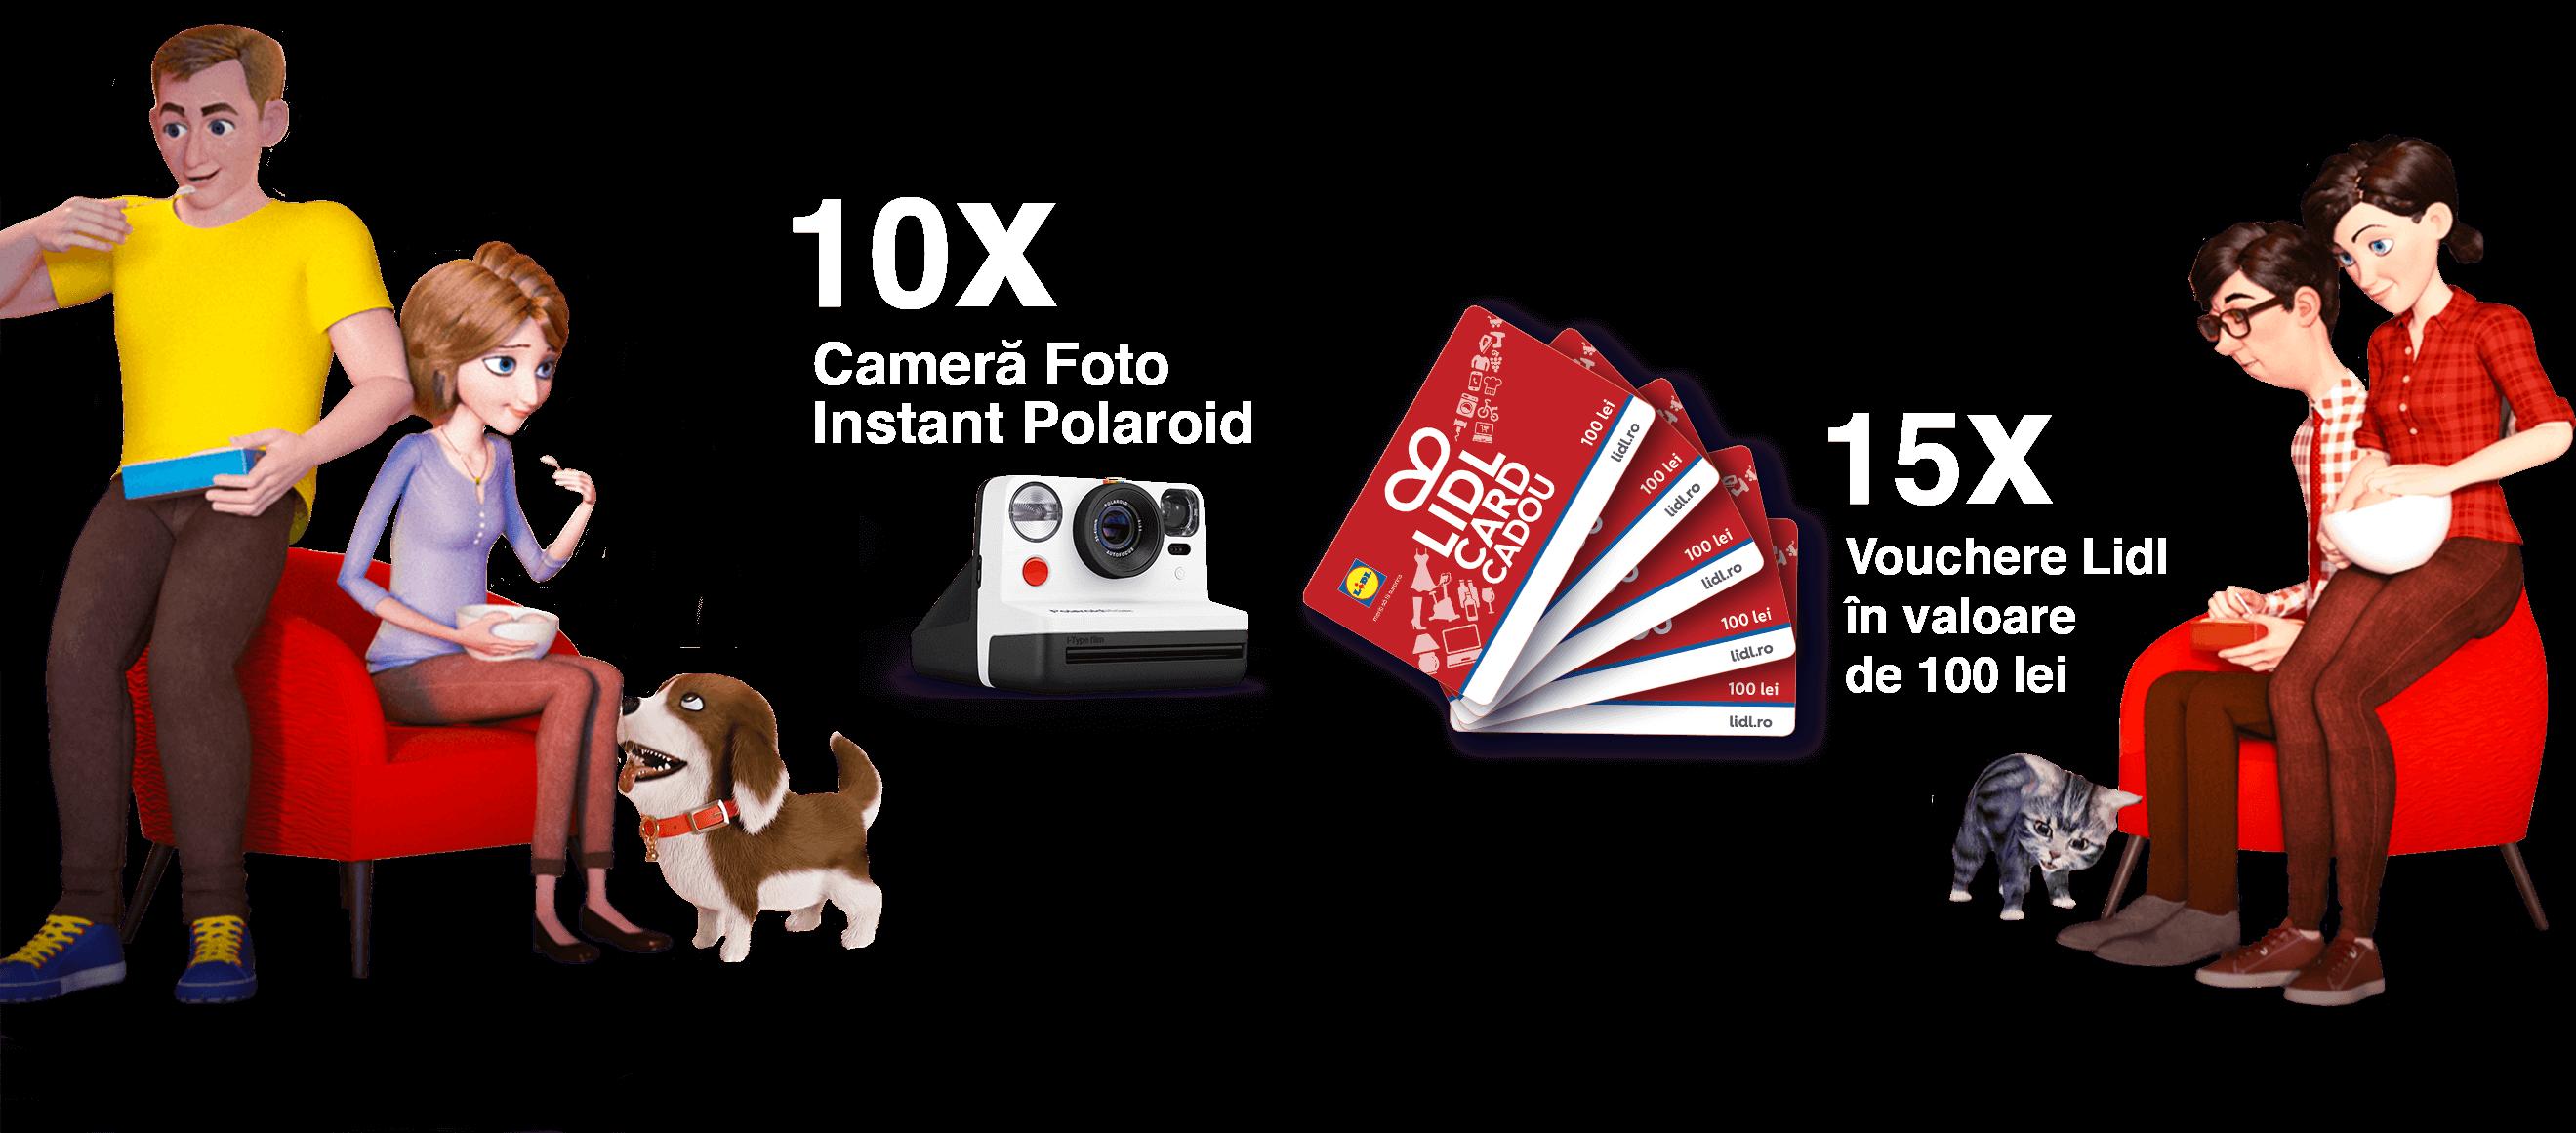 10 X cameră foto instant polaroid, 15 X Vouchere Lidl în valoare de 100 lei